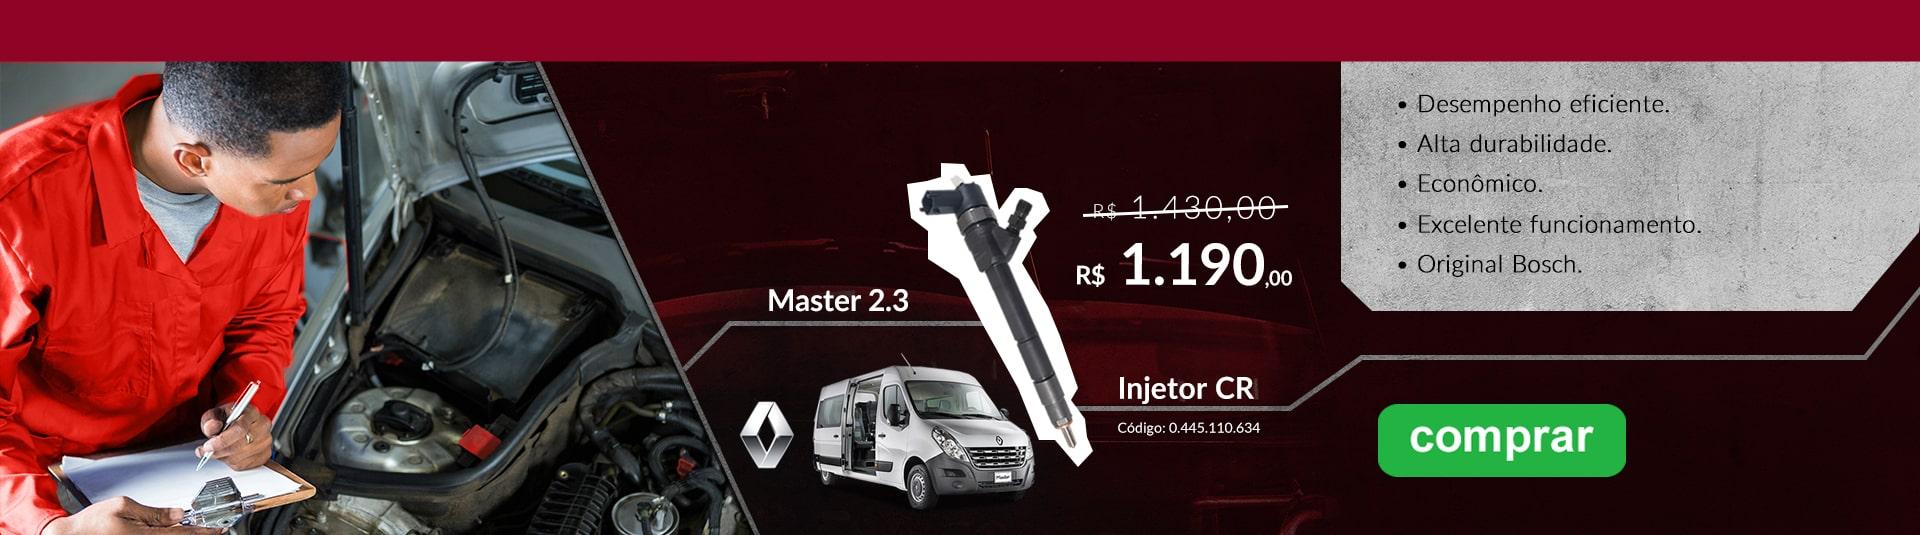 Injetor Master 2.3 Cód.110.634 (PROMO)